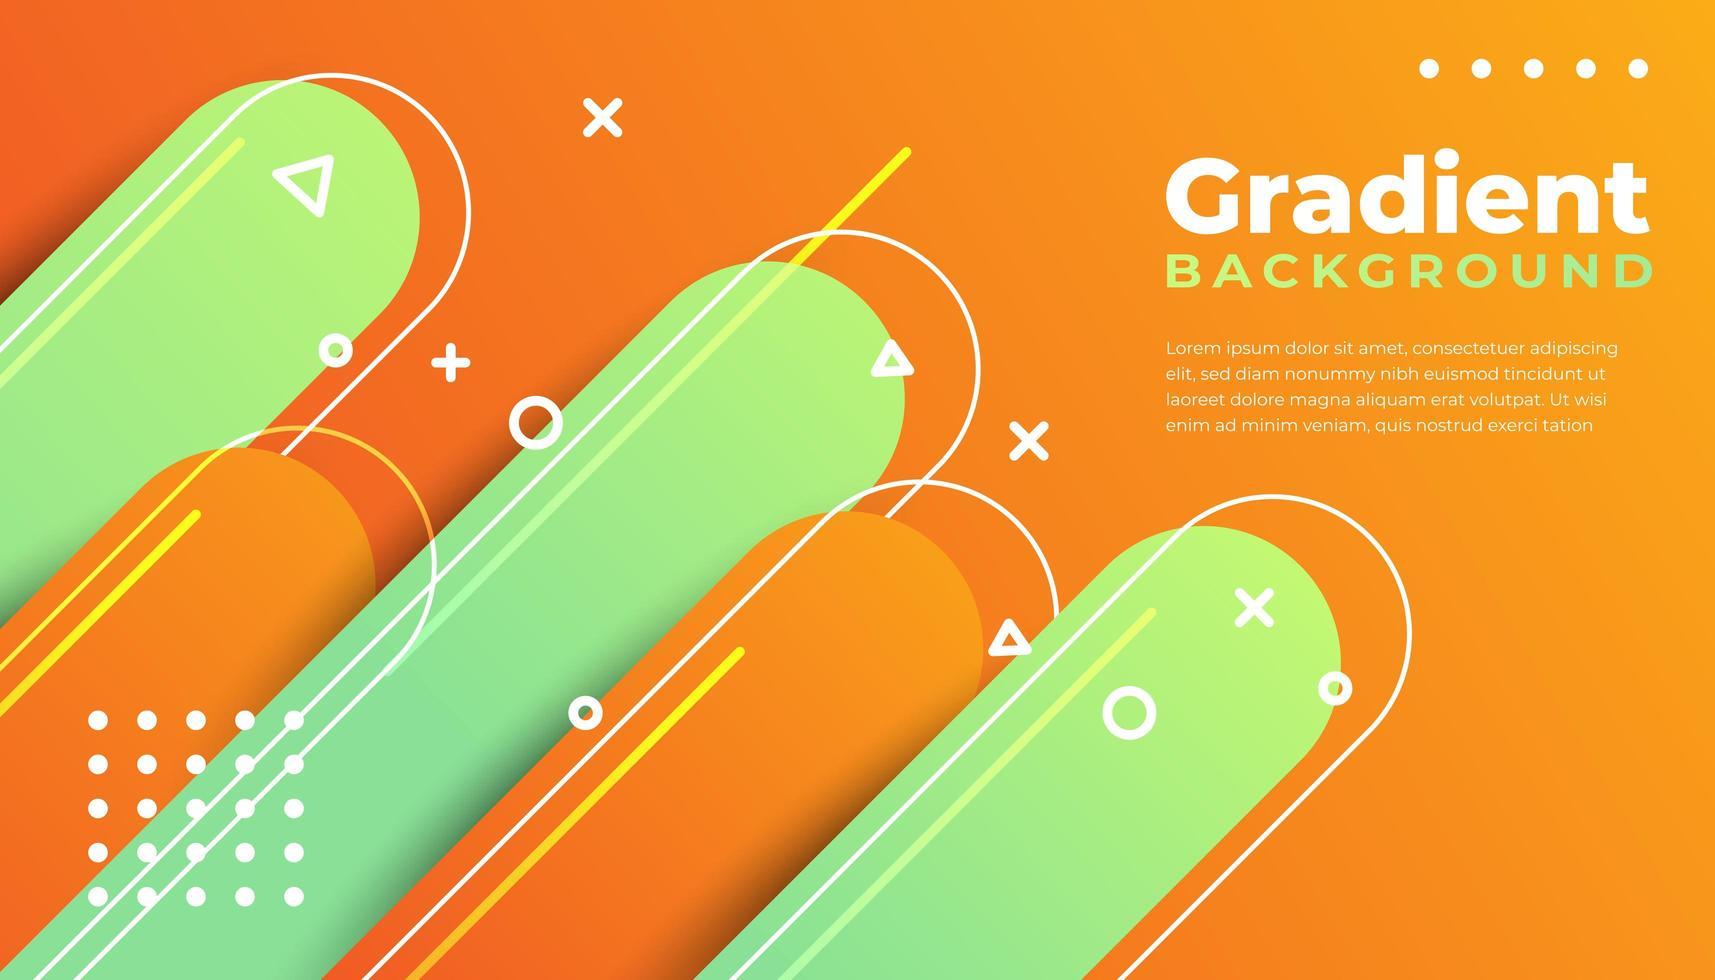 gradiente di sfondo geometrico e arrotondato vettore